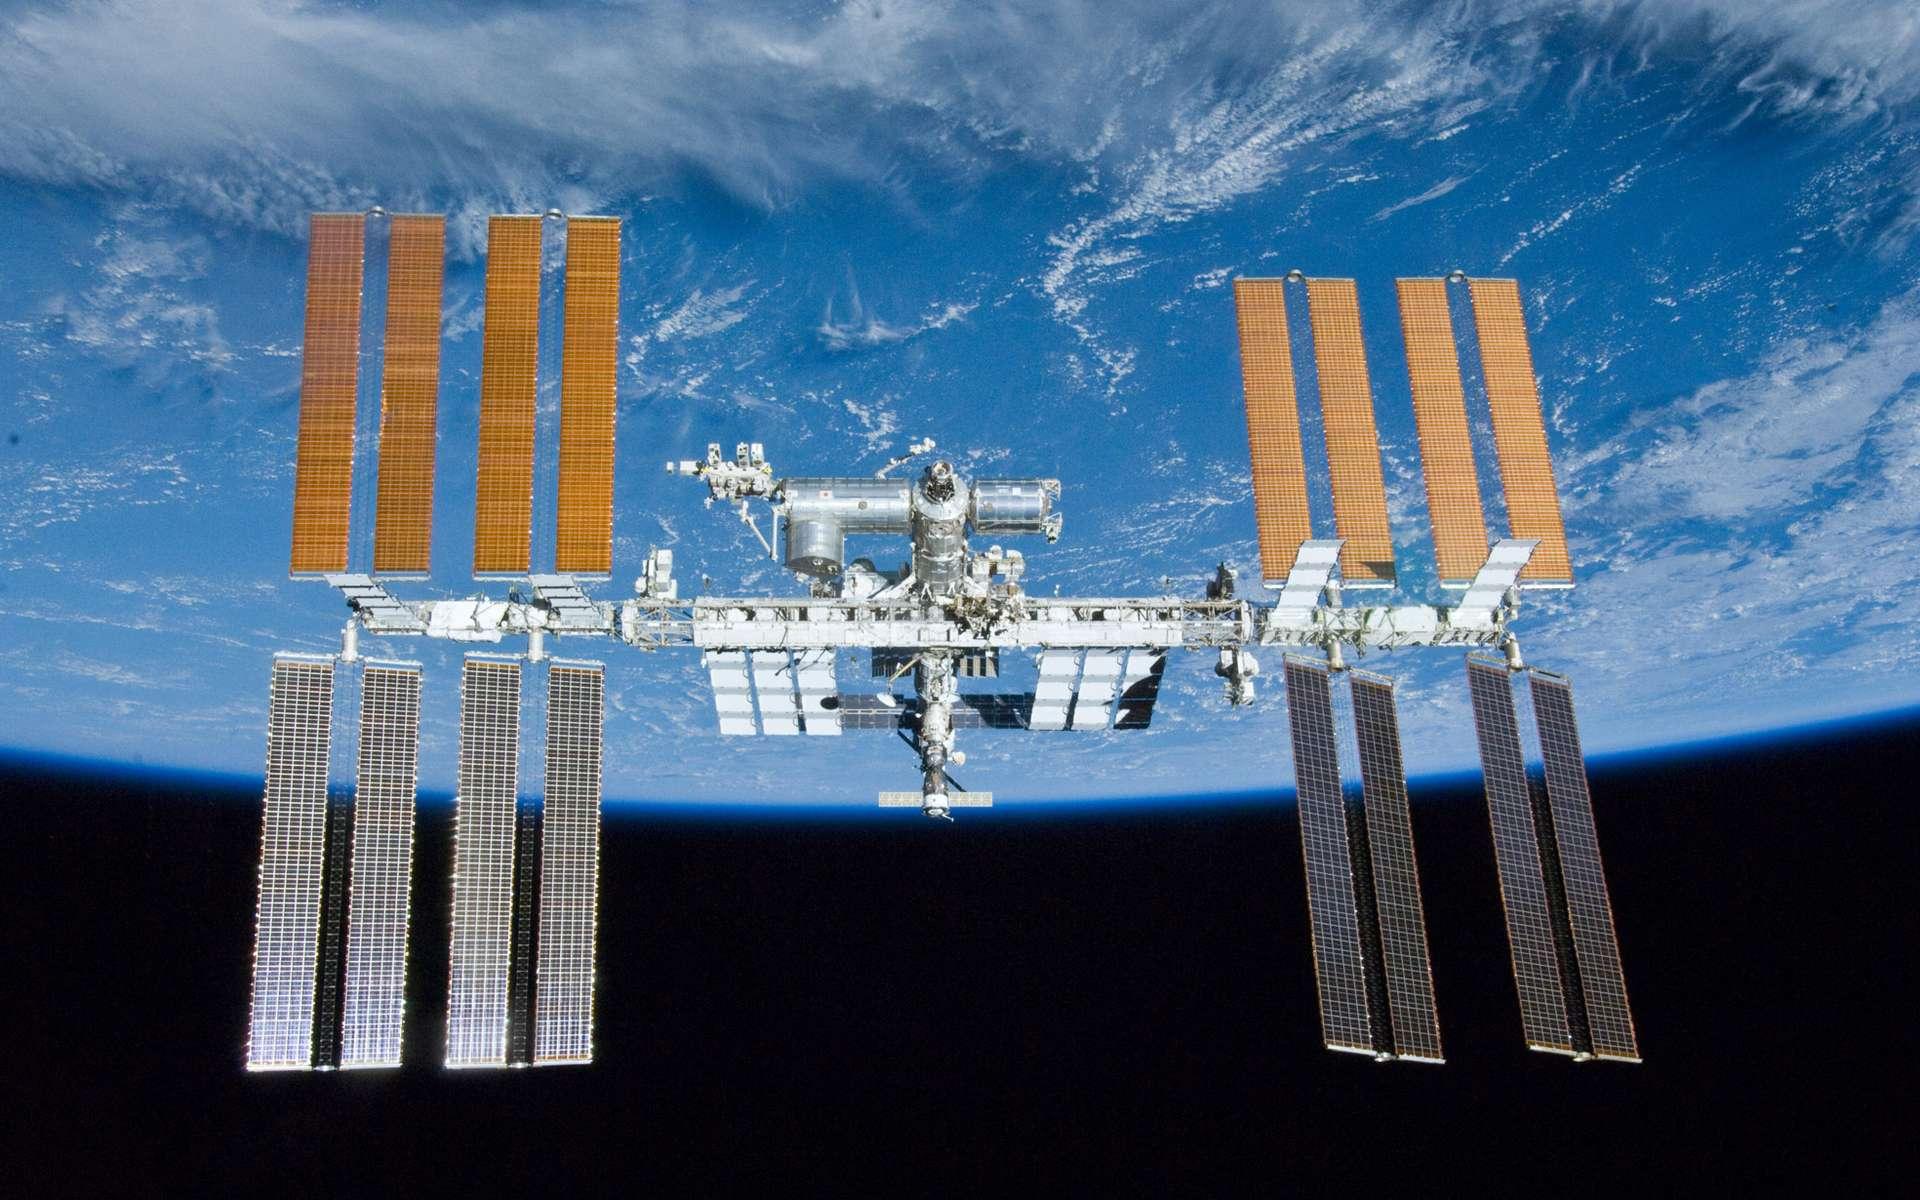 État d'avancement de la construction de la Station spatiale internationale à l'issue de la mission d'Atlantis, qui a volé pour la dernière fois en mai 2010 (STS-132). © Nasa